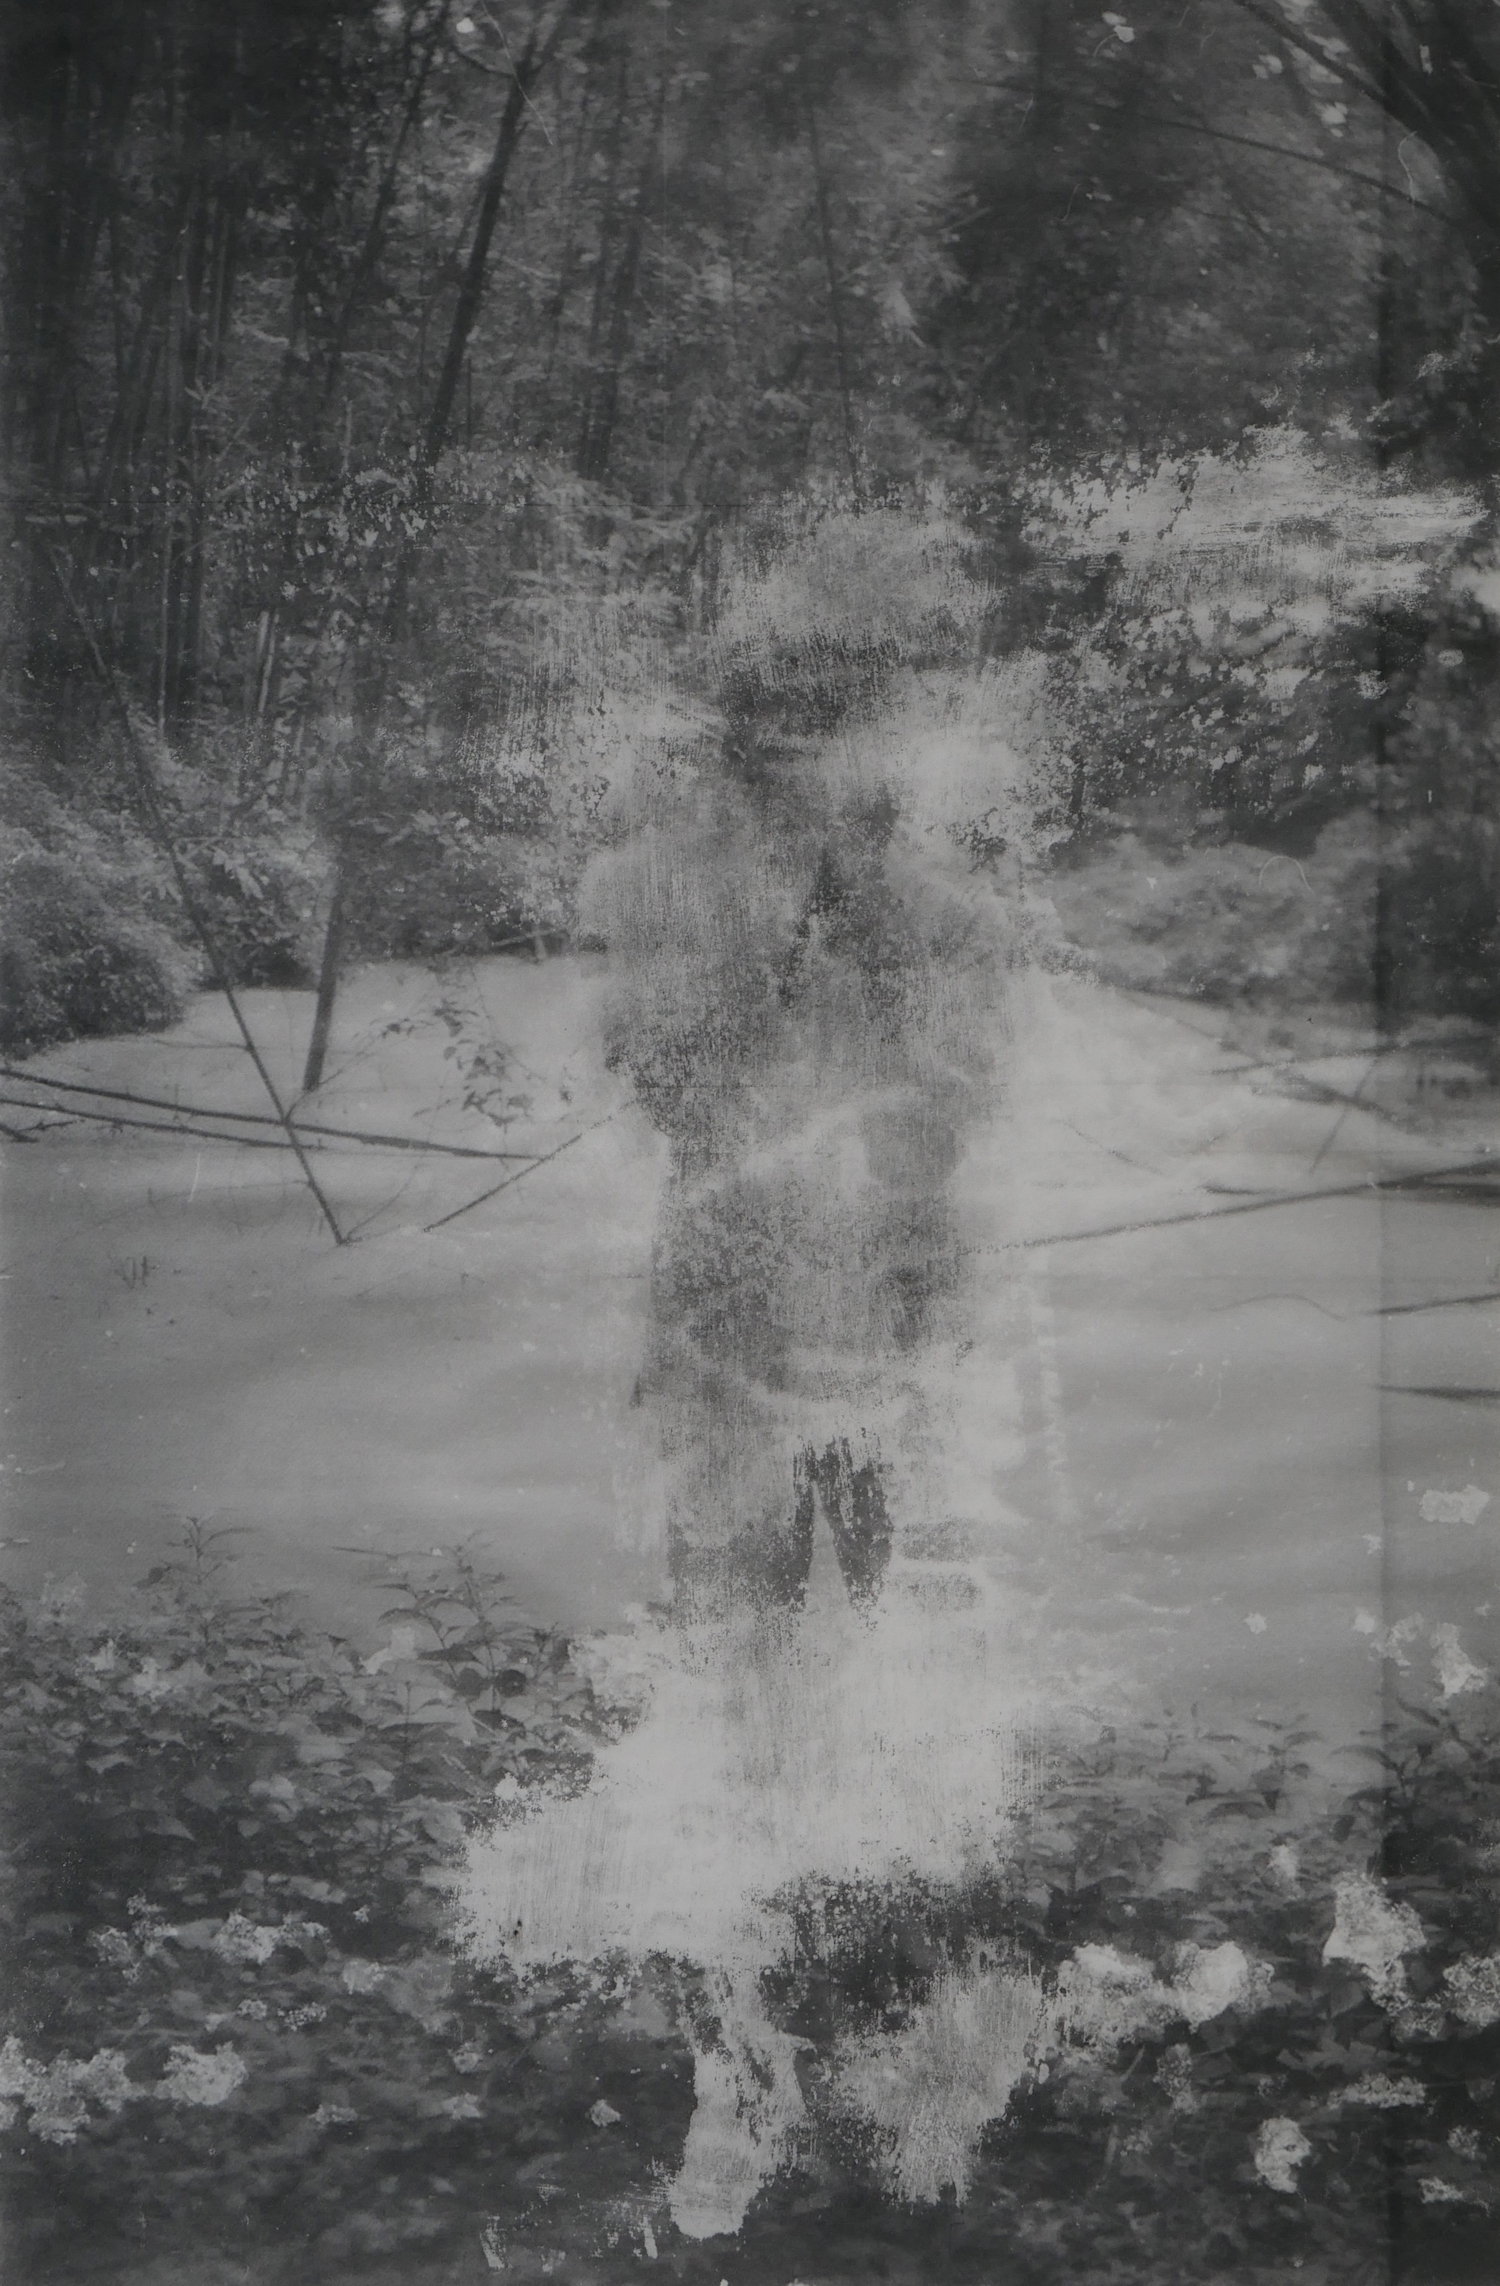 ©Prapat Jiwarangsan - In the Asylum Garden